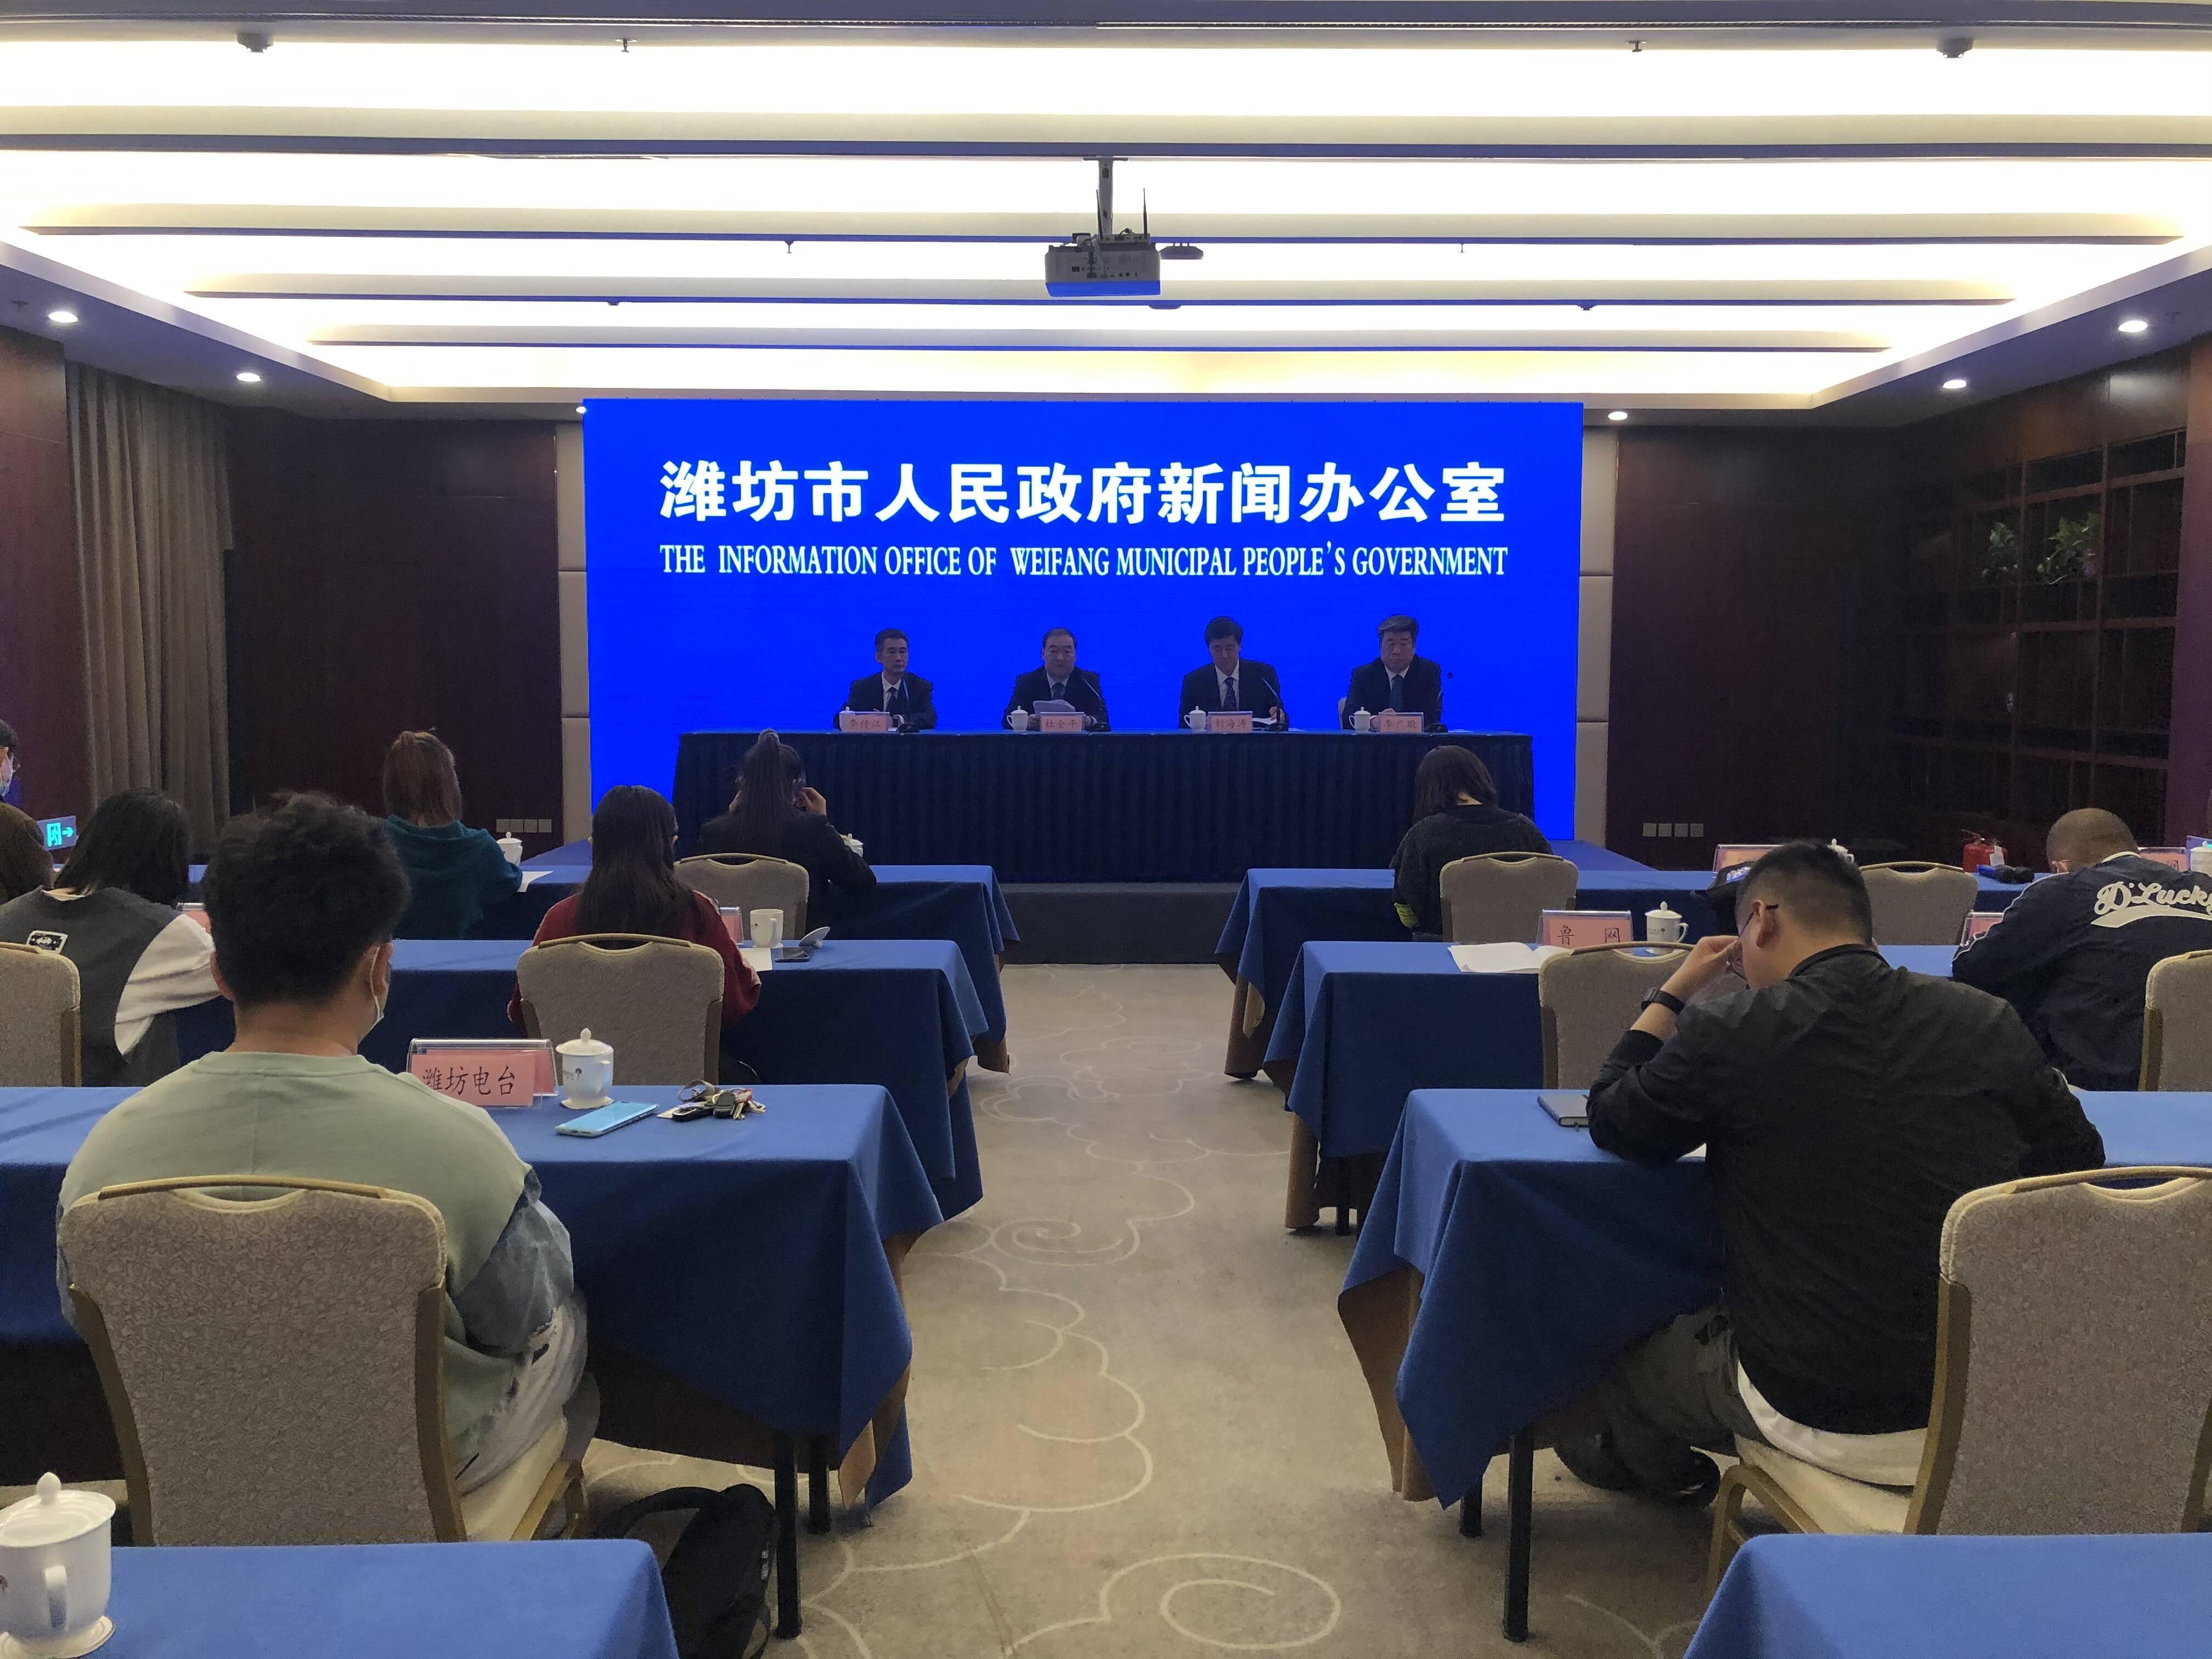 职教高考班、特殊才能学生、购买民办高中学位 2021年潍坊中考招生又有新举措